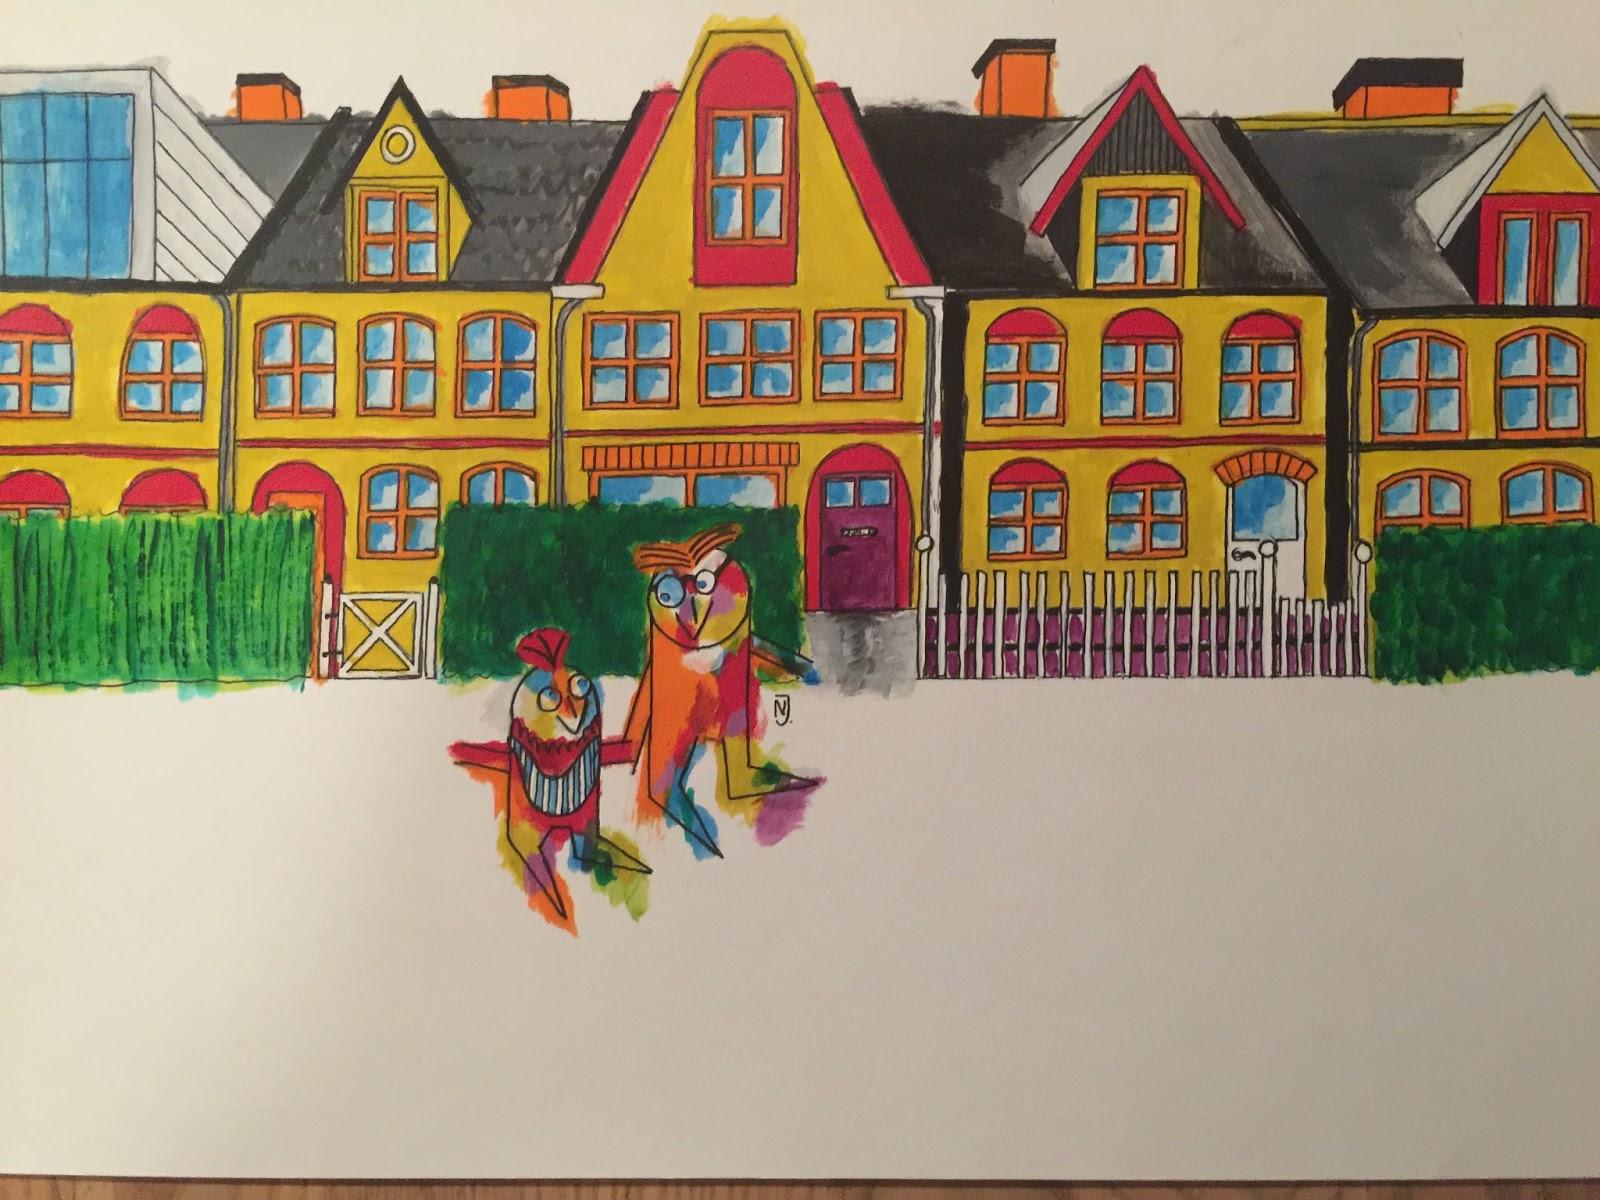 a7b1ebf228fa Her er Bo med sin far Anton foran deres hus på Østerbro (jeg skal over for  kunstneren beklage inscanningskvaliteten. Billedet er knipset med en  mobiltelefon ...